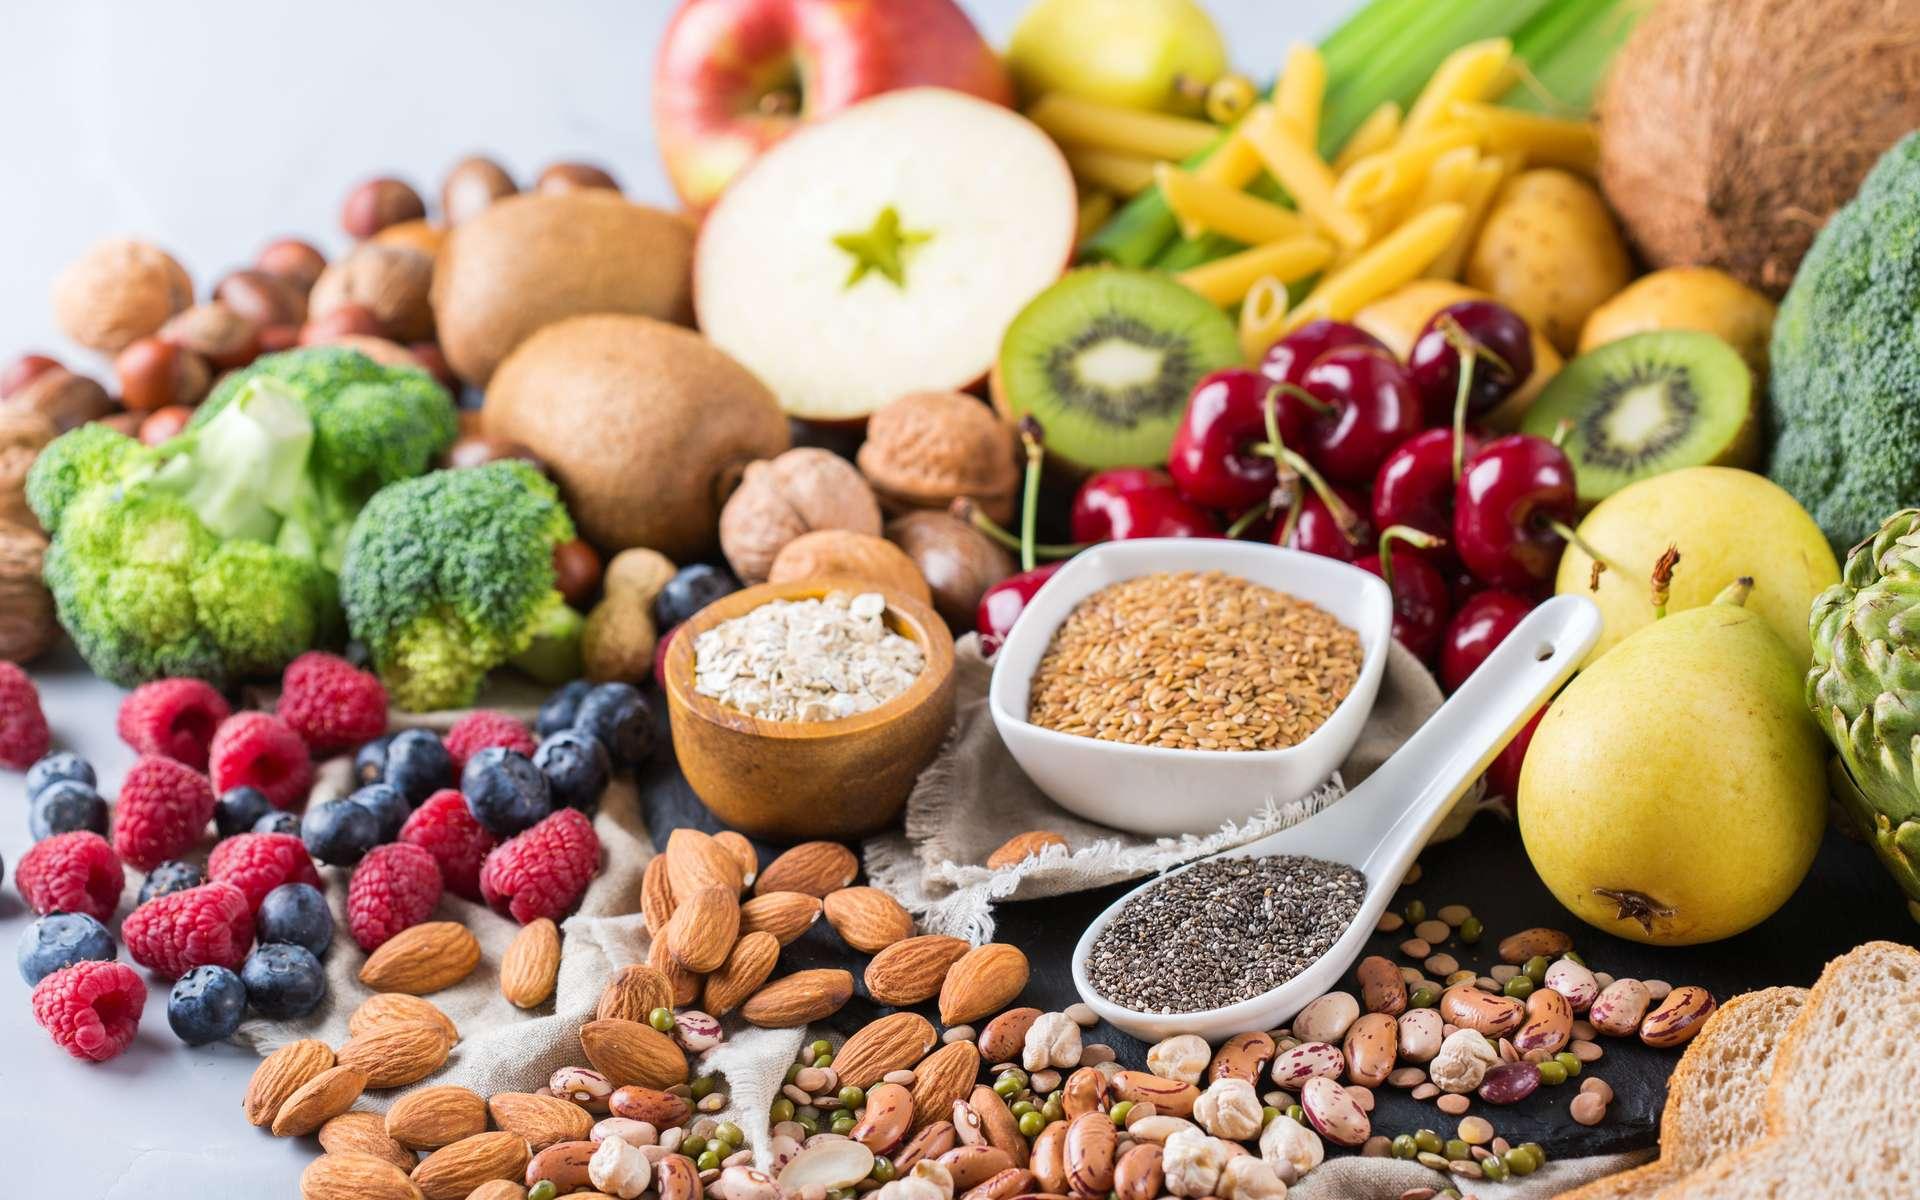 La consommation de fibres et de probiotiques est associée à une réduction du risque de cancer du poumon. © photka, Adobe Stock